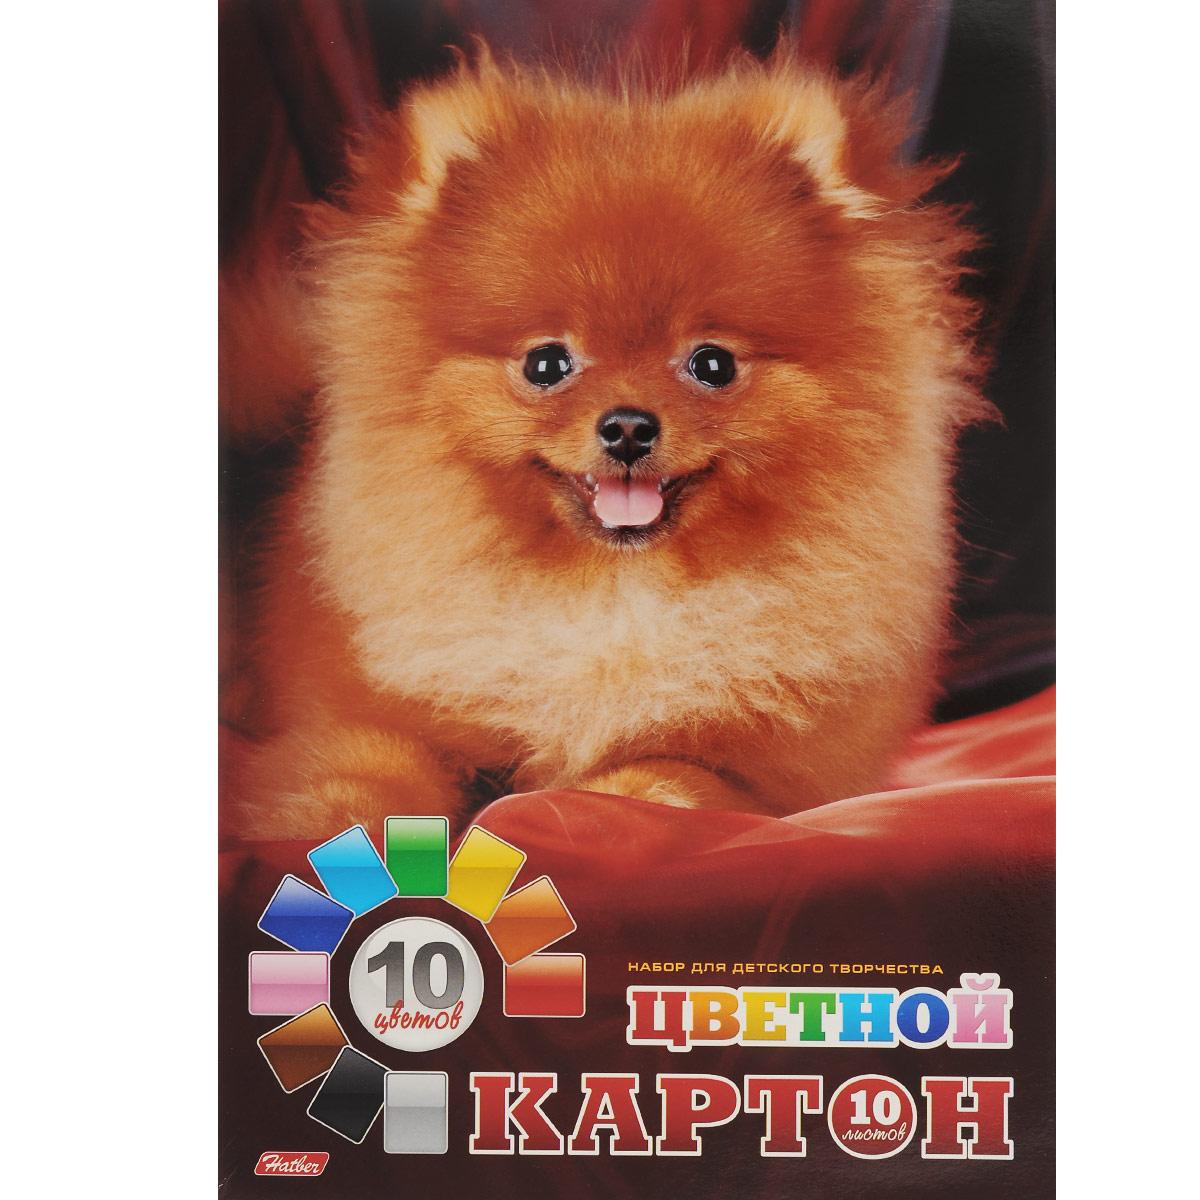 Картон цветной Hatber Пушистый щенок, 10 цв, формат А472523WDКартон цветной Hatber Пушистый щенок позволит создавать всевозможные аппликации и поделки. Набор включает 10 листов одностороннего цветного картона формата А4. Цвета: золотистый, синий, серебристый, красный, зеленый, желтый, голубой, оранжевый, коричневый, черный. Создание поделок из цветного картона позволяет ребенку развивать творческие способности, кроме того, это увлекательный досуг.